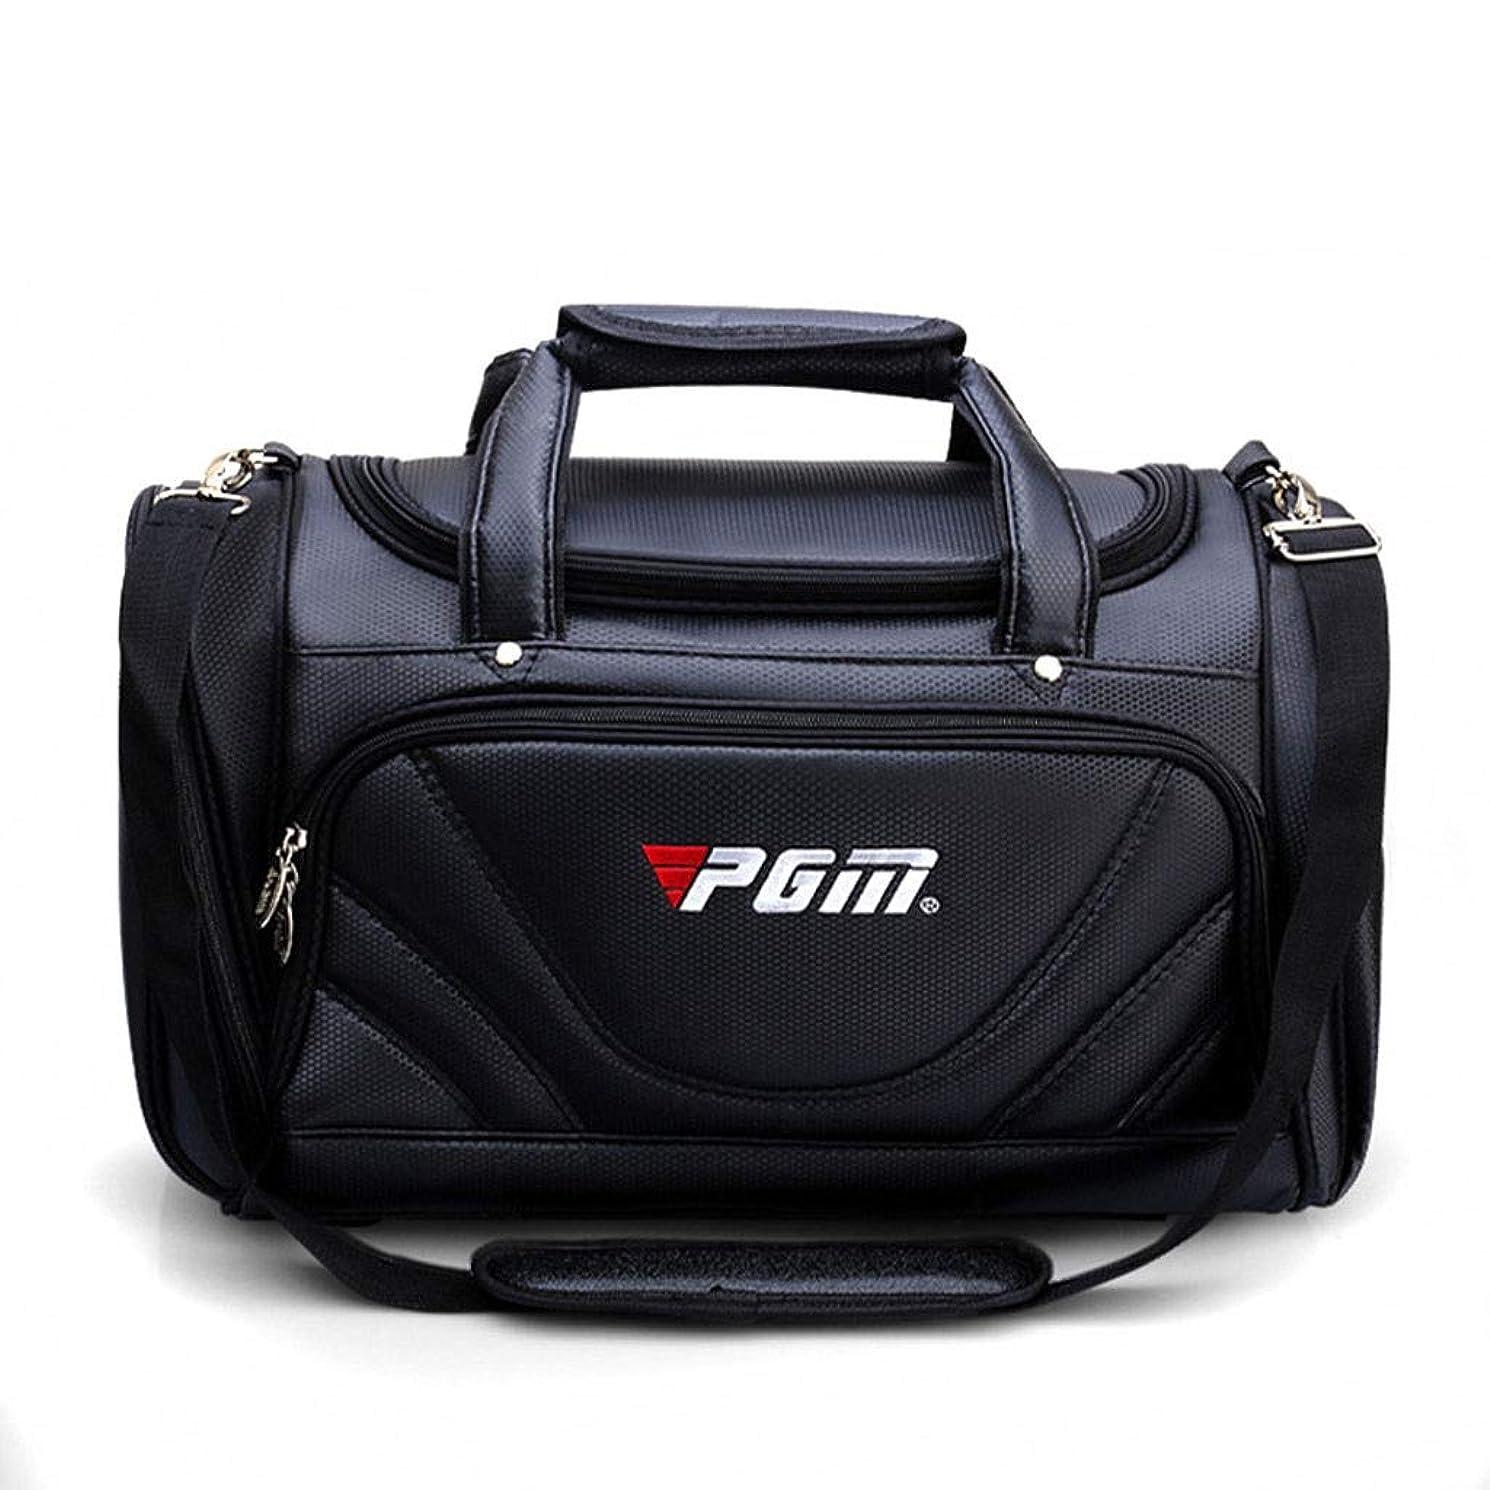 傾向彼らのもの比較的ポータブルゴルフの服バッグメンズボールバッグ大容量ポータブルブラックゴルフシューズバッグ多機能バッグ服 (Color : Black)